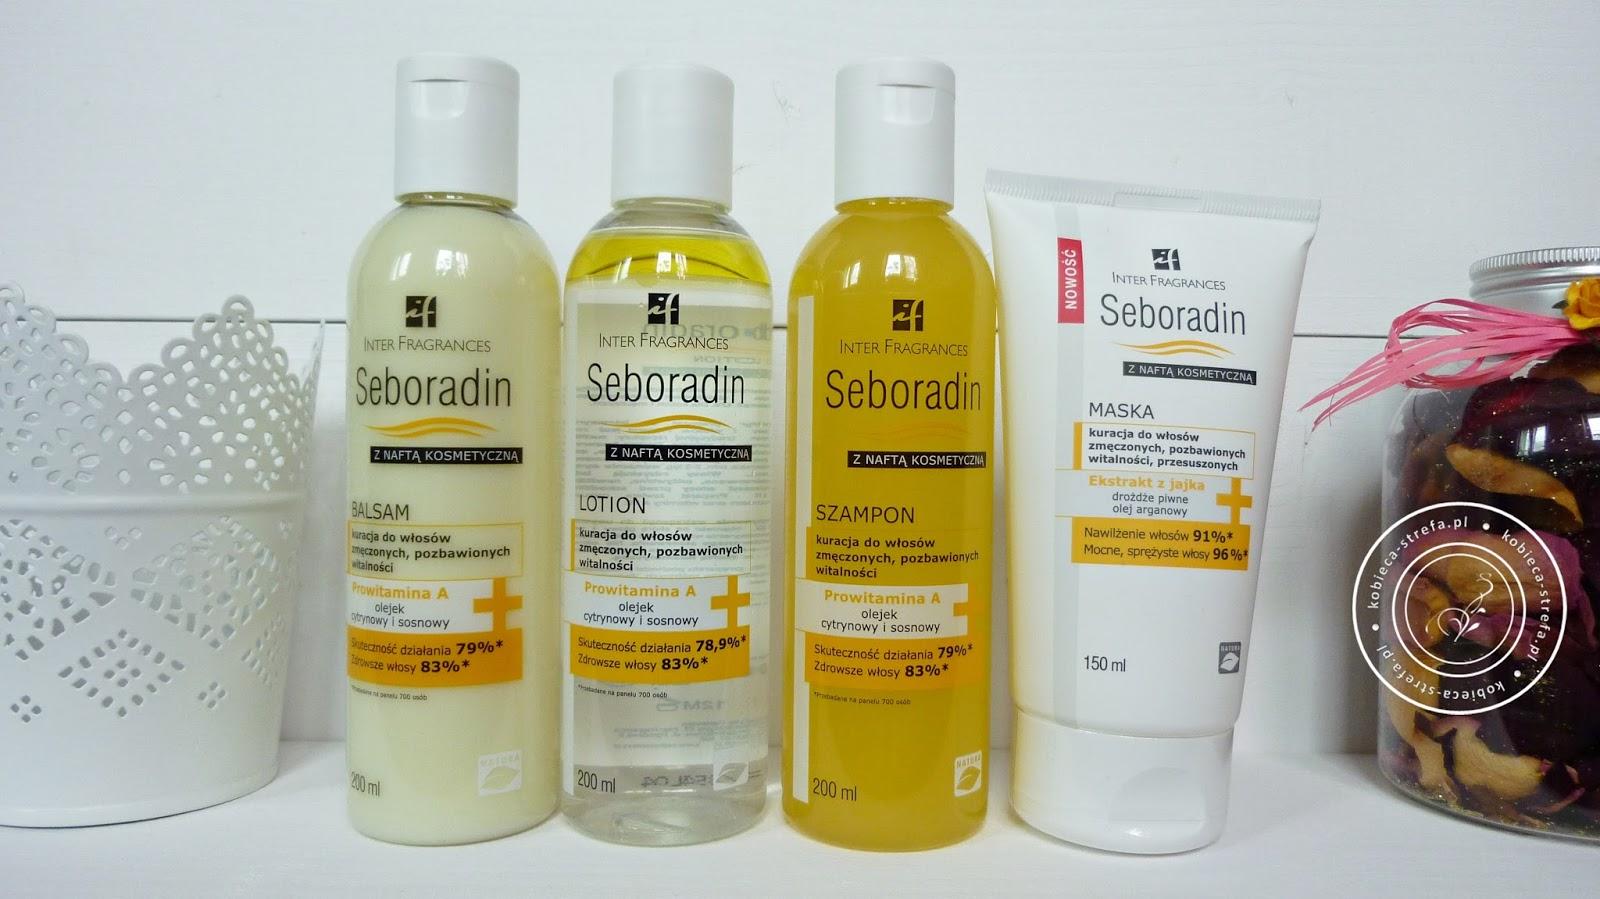 Seboradinowa rodzina z naftą kosmetyczną - lotion, balsam, szampon z nafta kosmetyczną